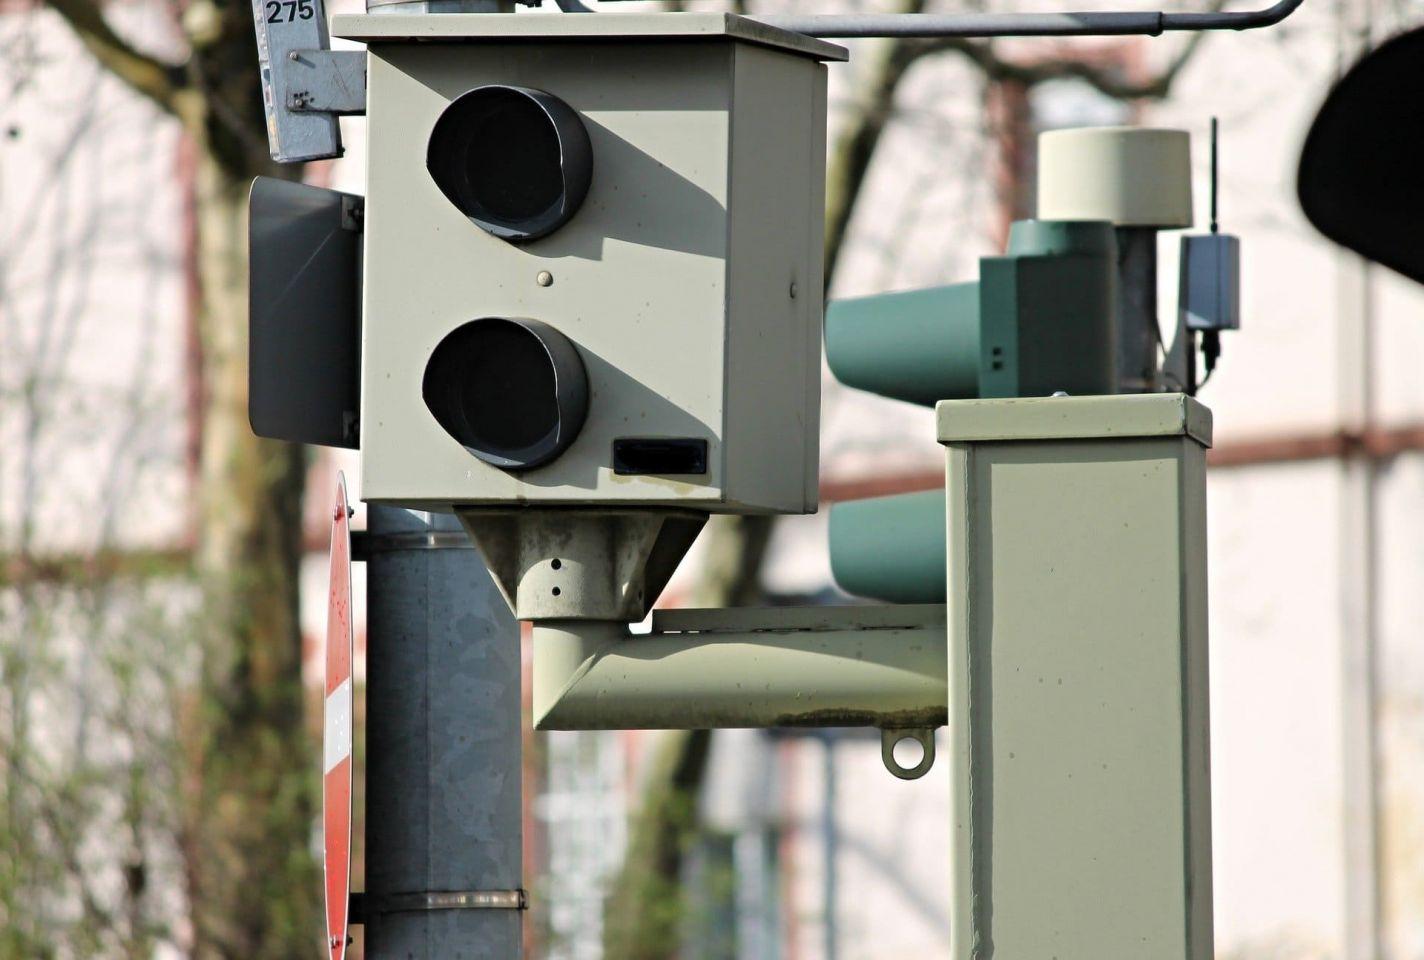 Gesetzesnovelle der StVO: Neue Regelungen im Straßenverkehr